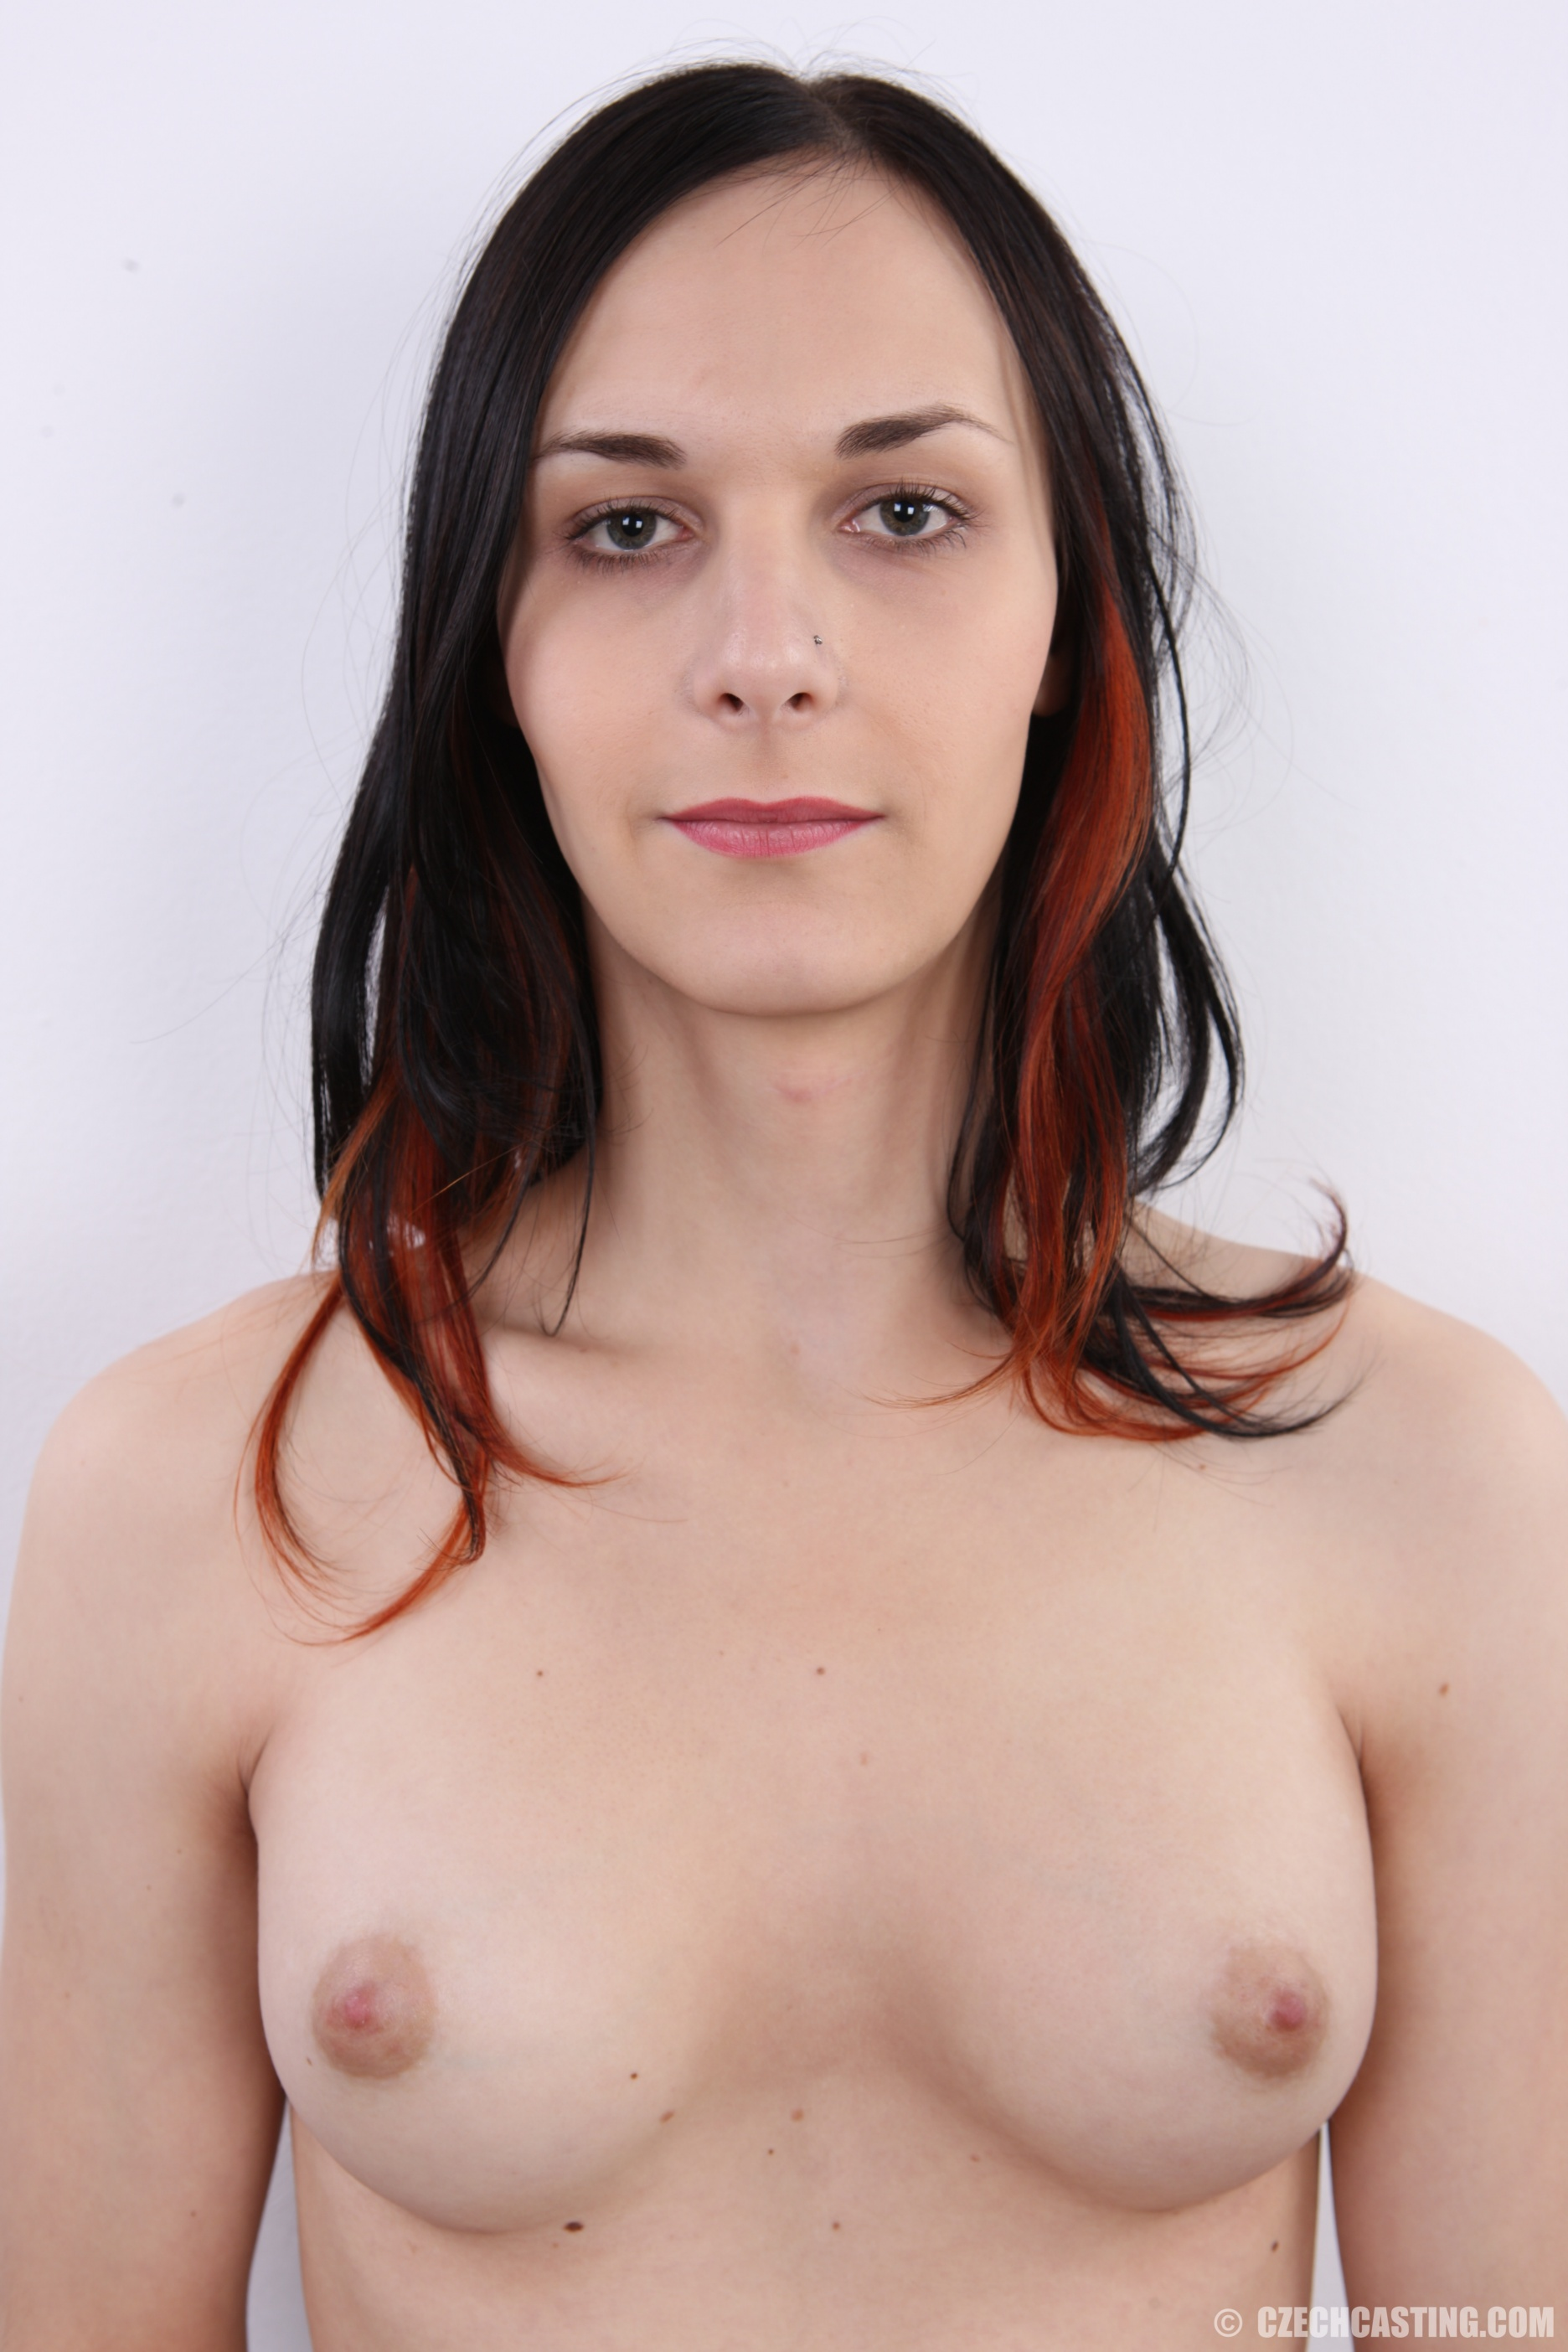 VIKTORY all nude ... Slide Show · Full Size